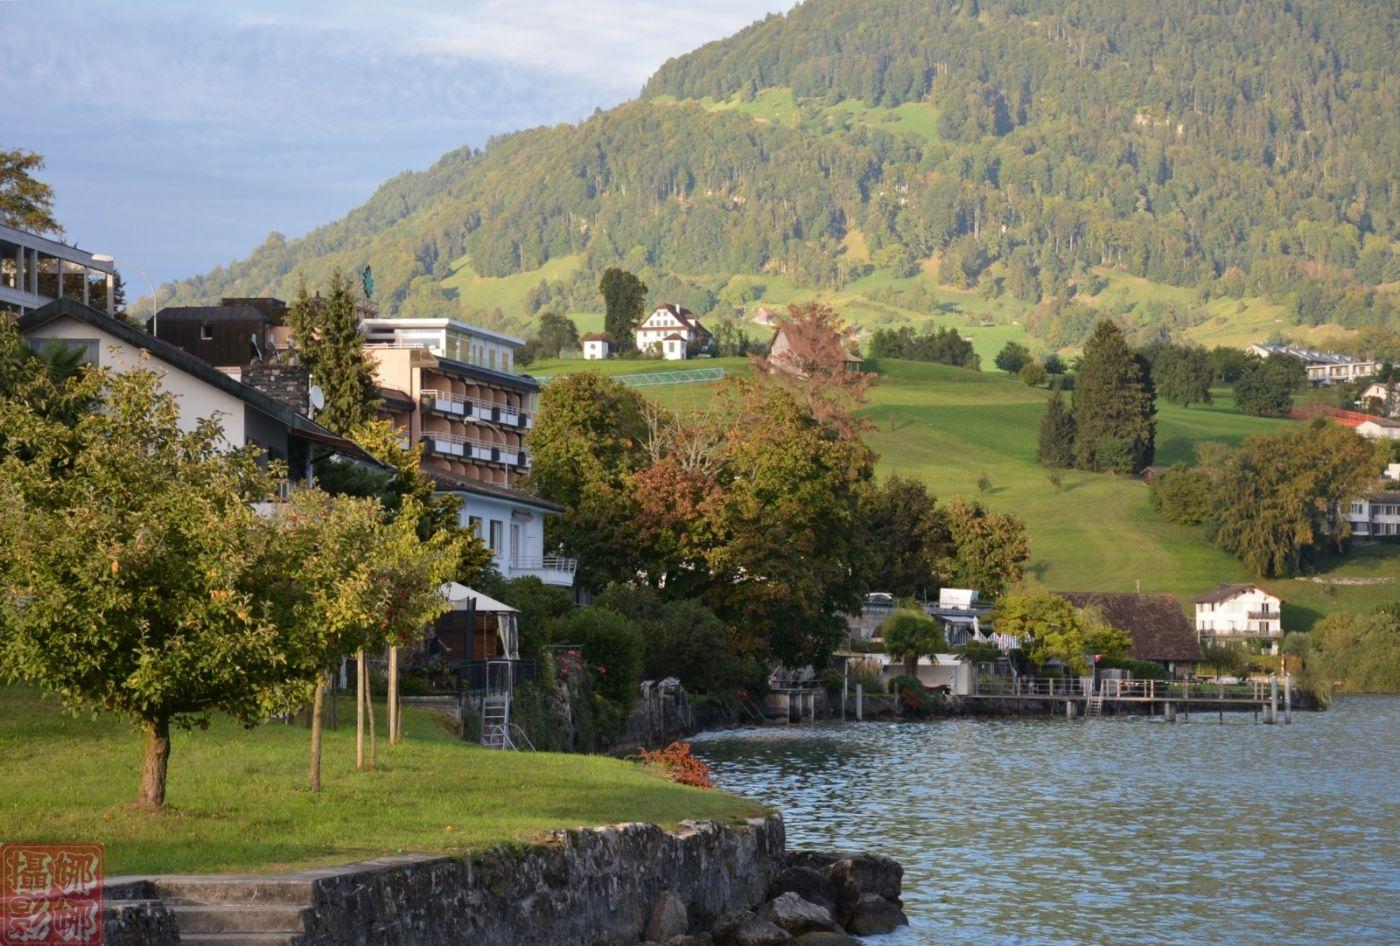 瑞士卢塞恩湖畔风光(二)_图1-9